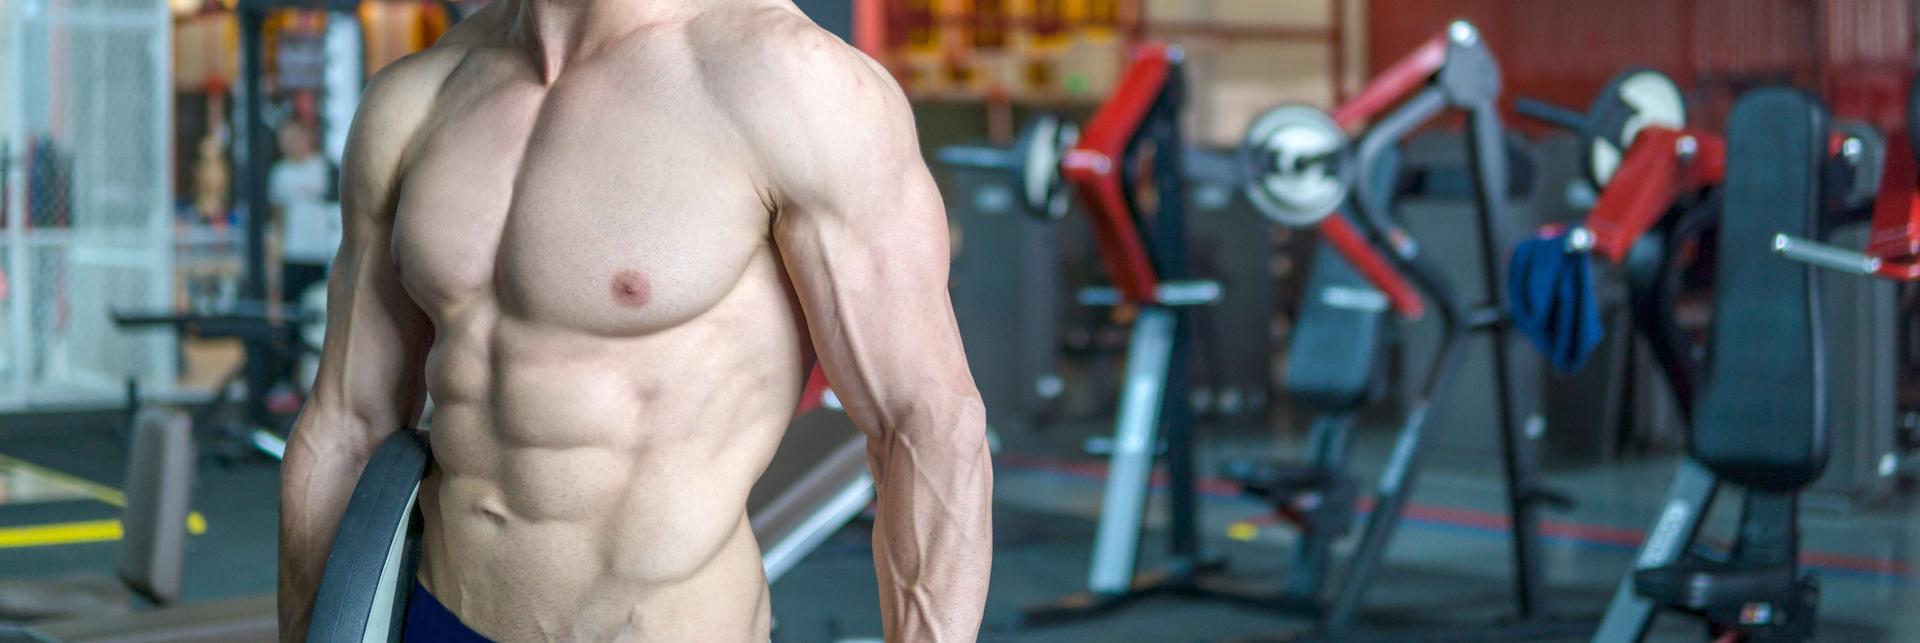 5 Best Ab Exercises for Men